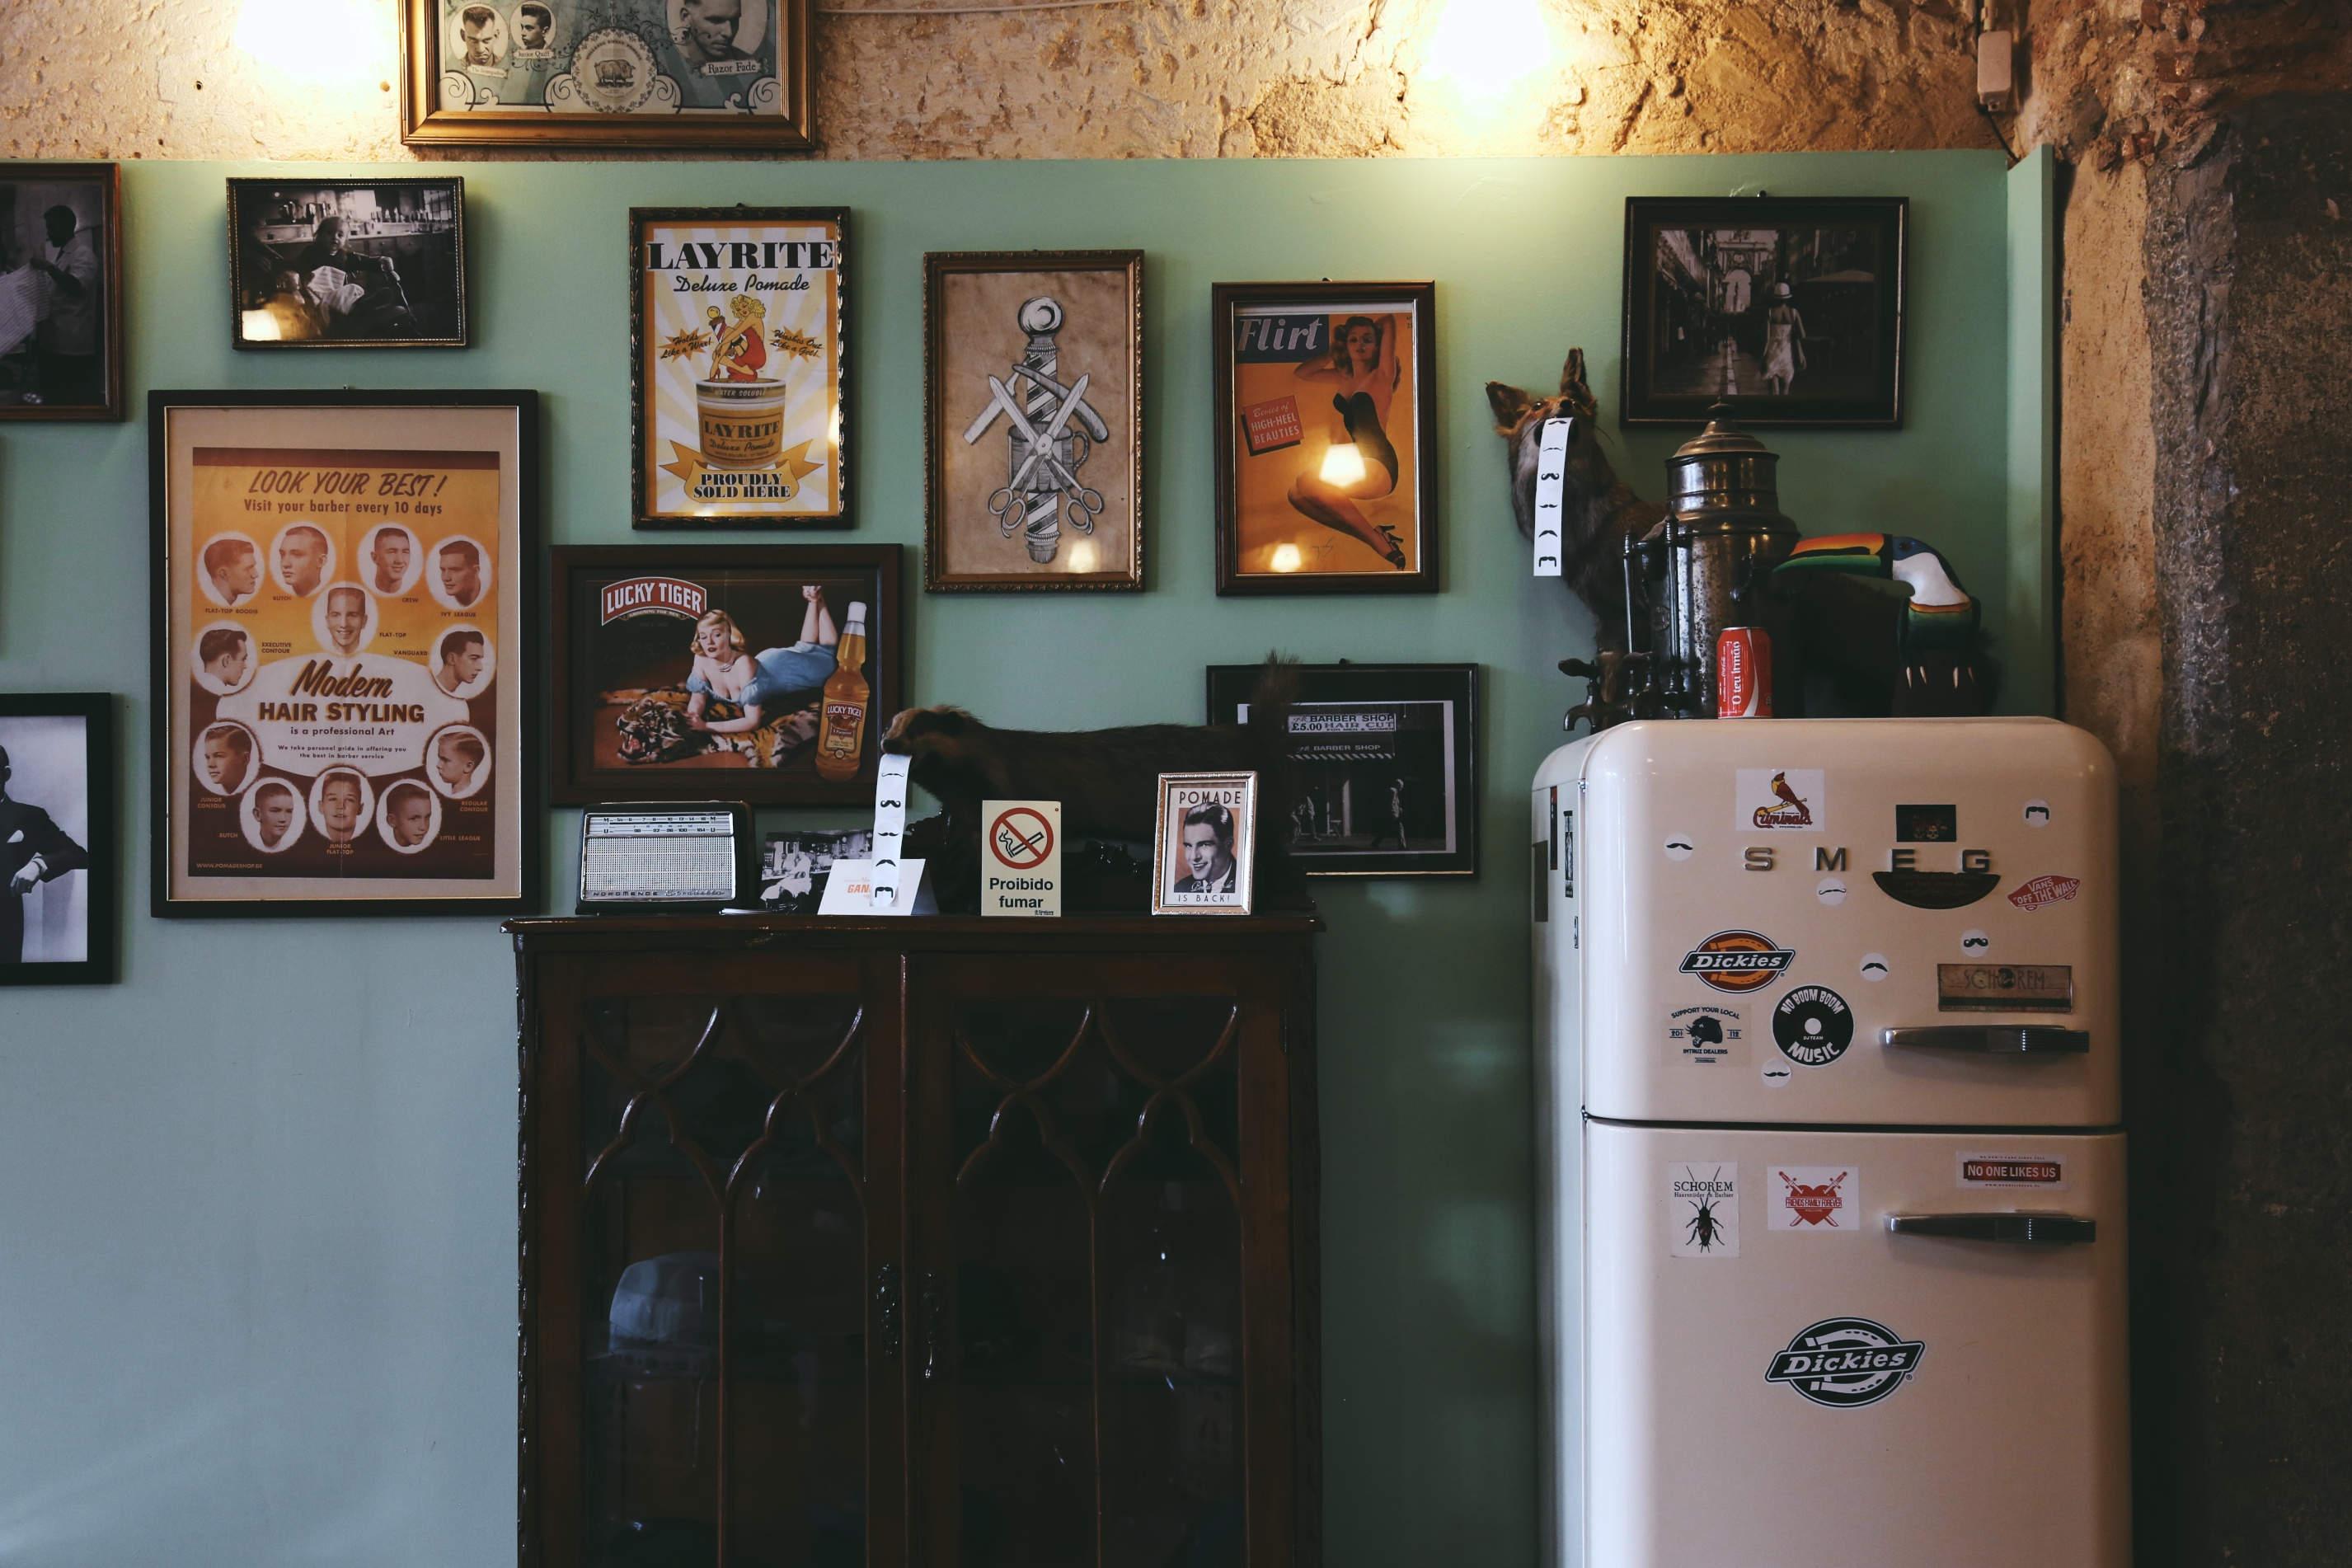 Industrial Looks: Μια ξεχωριστή γωνιά ενός μπαρμπέρικου. Παλιά, σχολικά ντουλάπια αποθήκευσης σε μαύρο χρώμα, δένουν με την αντίθεση των ξύλινων stand, τα οποία φέρουν διαφορετικά vintage διακοσμητικά.